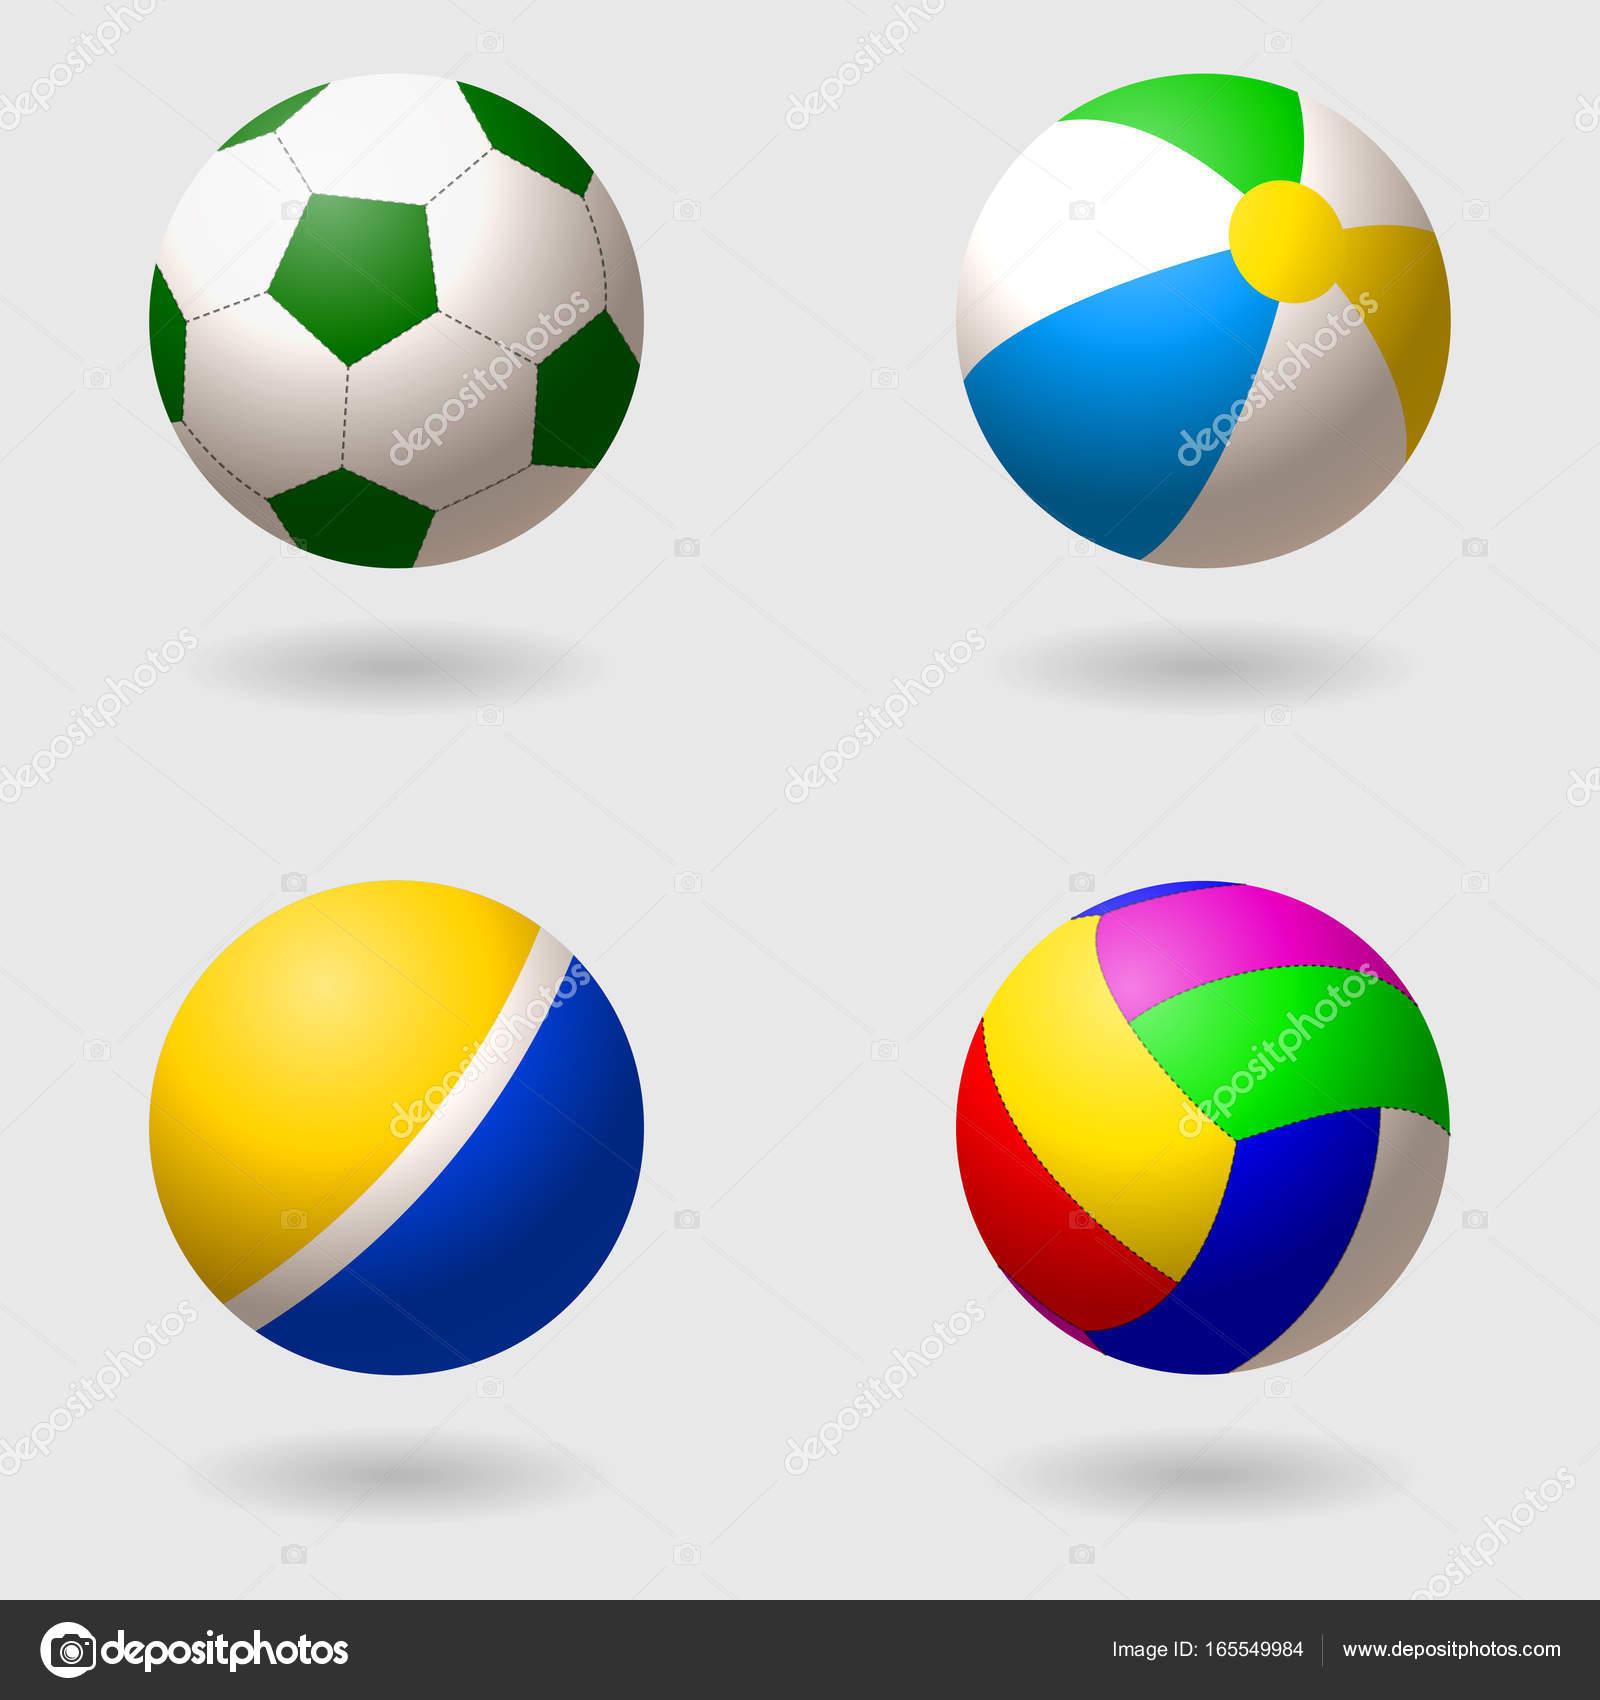 02384b1e39f430 Набір дітей s кулі на різні ігри. Футбол, волейбол, надувні пляжний м'яч і  палацової м'яч, гумові. Ізольовані об'єкти. Векторні ілюстрації — Вектор  від ...